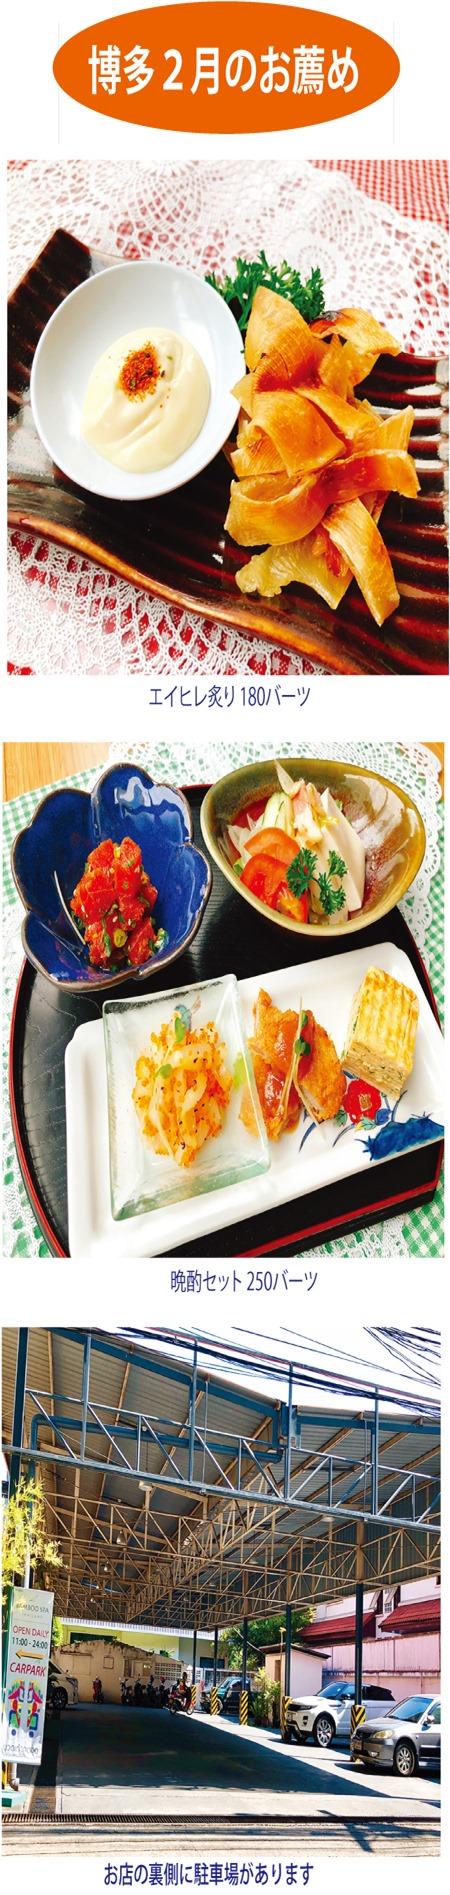 日本料理店「博多」の2月のお薦め